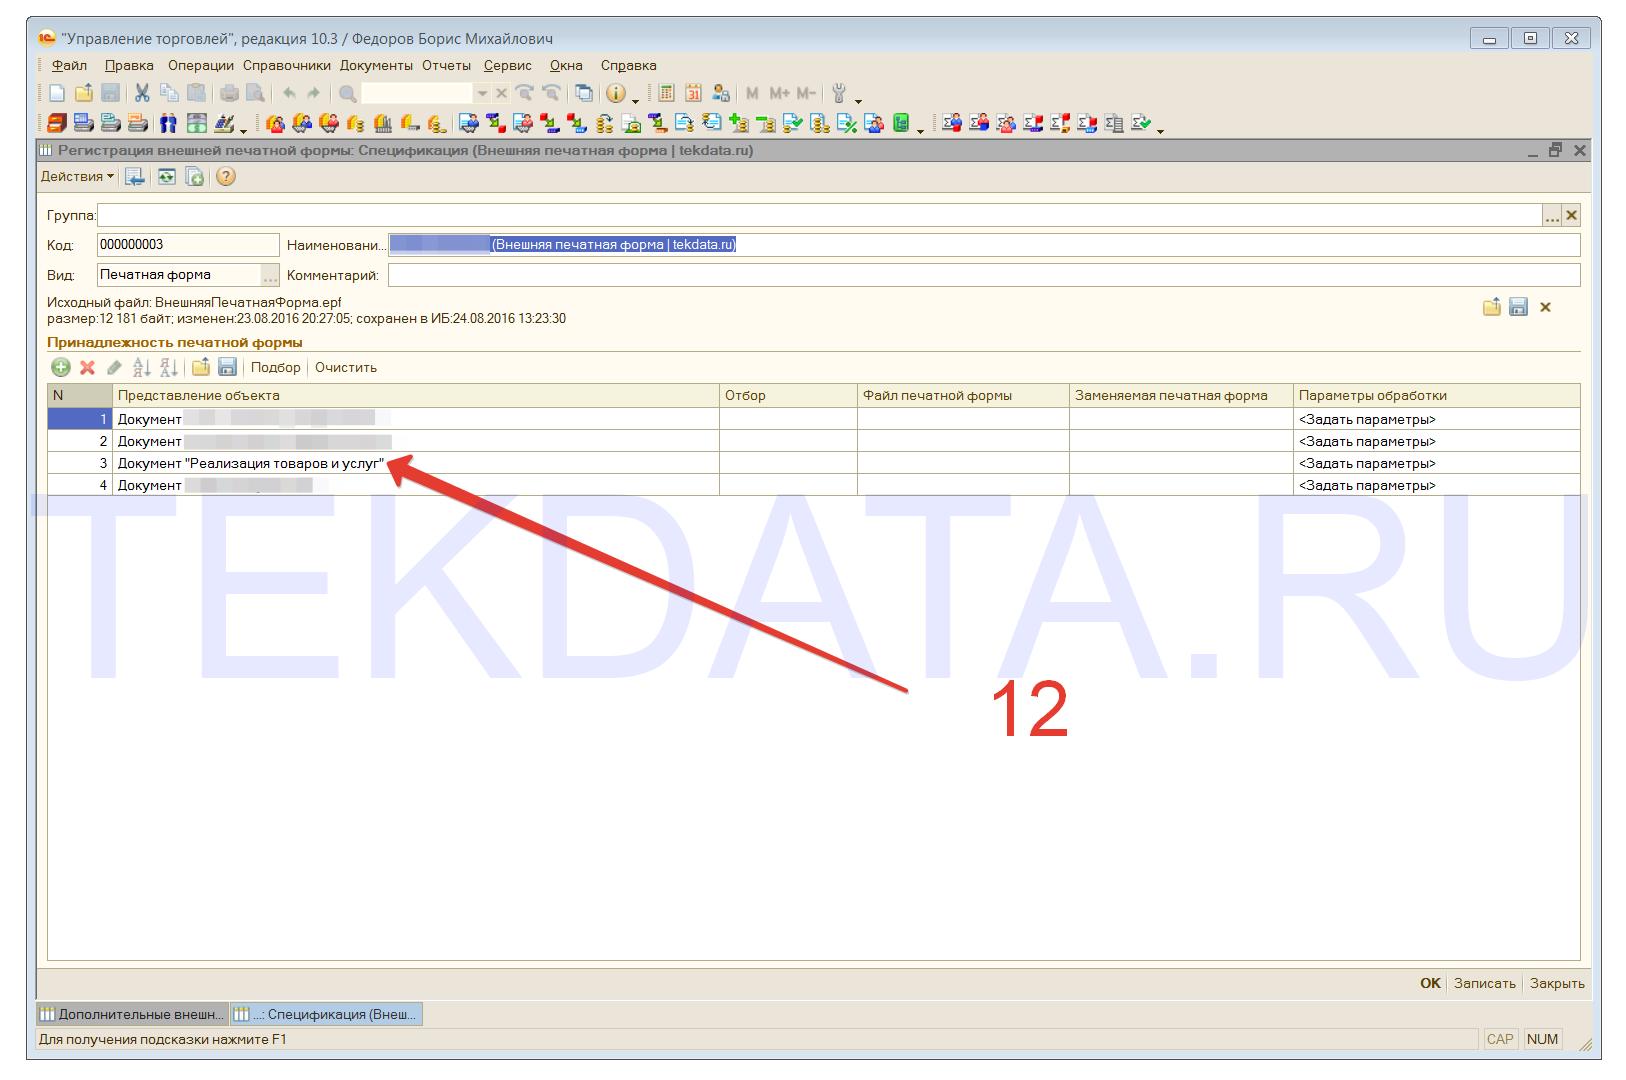 Подключение внешней печатной формы 1С 8.2 (Действия 12) | tekdata.ru